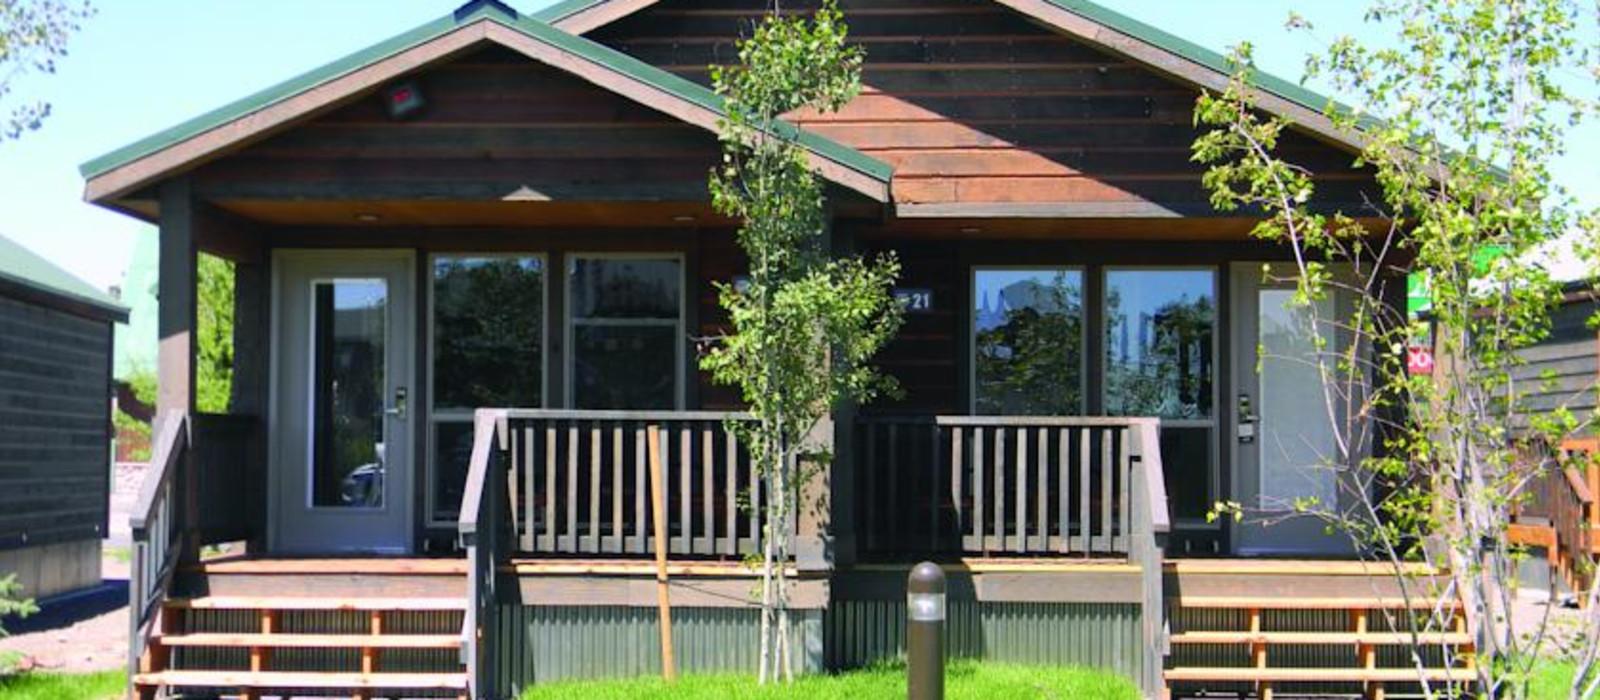 Hotel Explorer Cabins USA